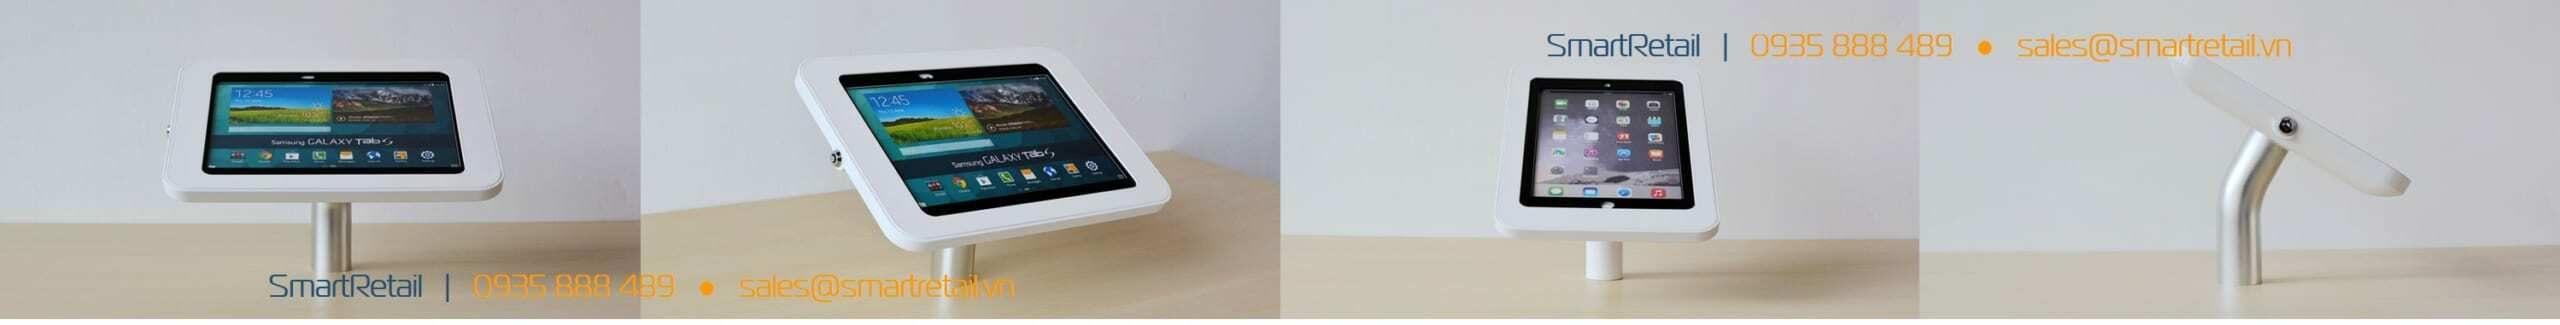 Giá đỡ máy tính bảng để bàn cố định - SmartRetail - 0935888489